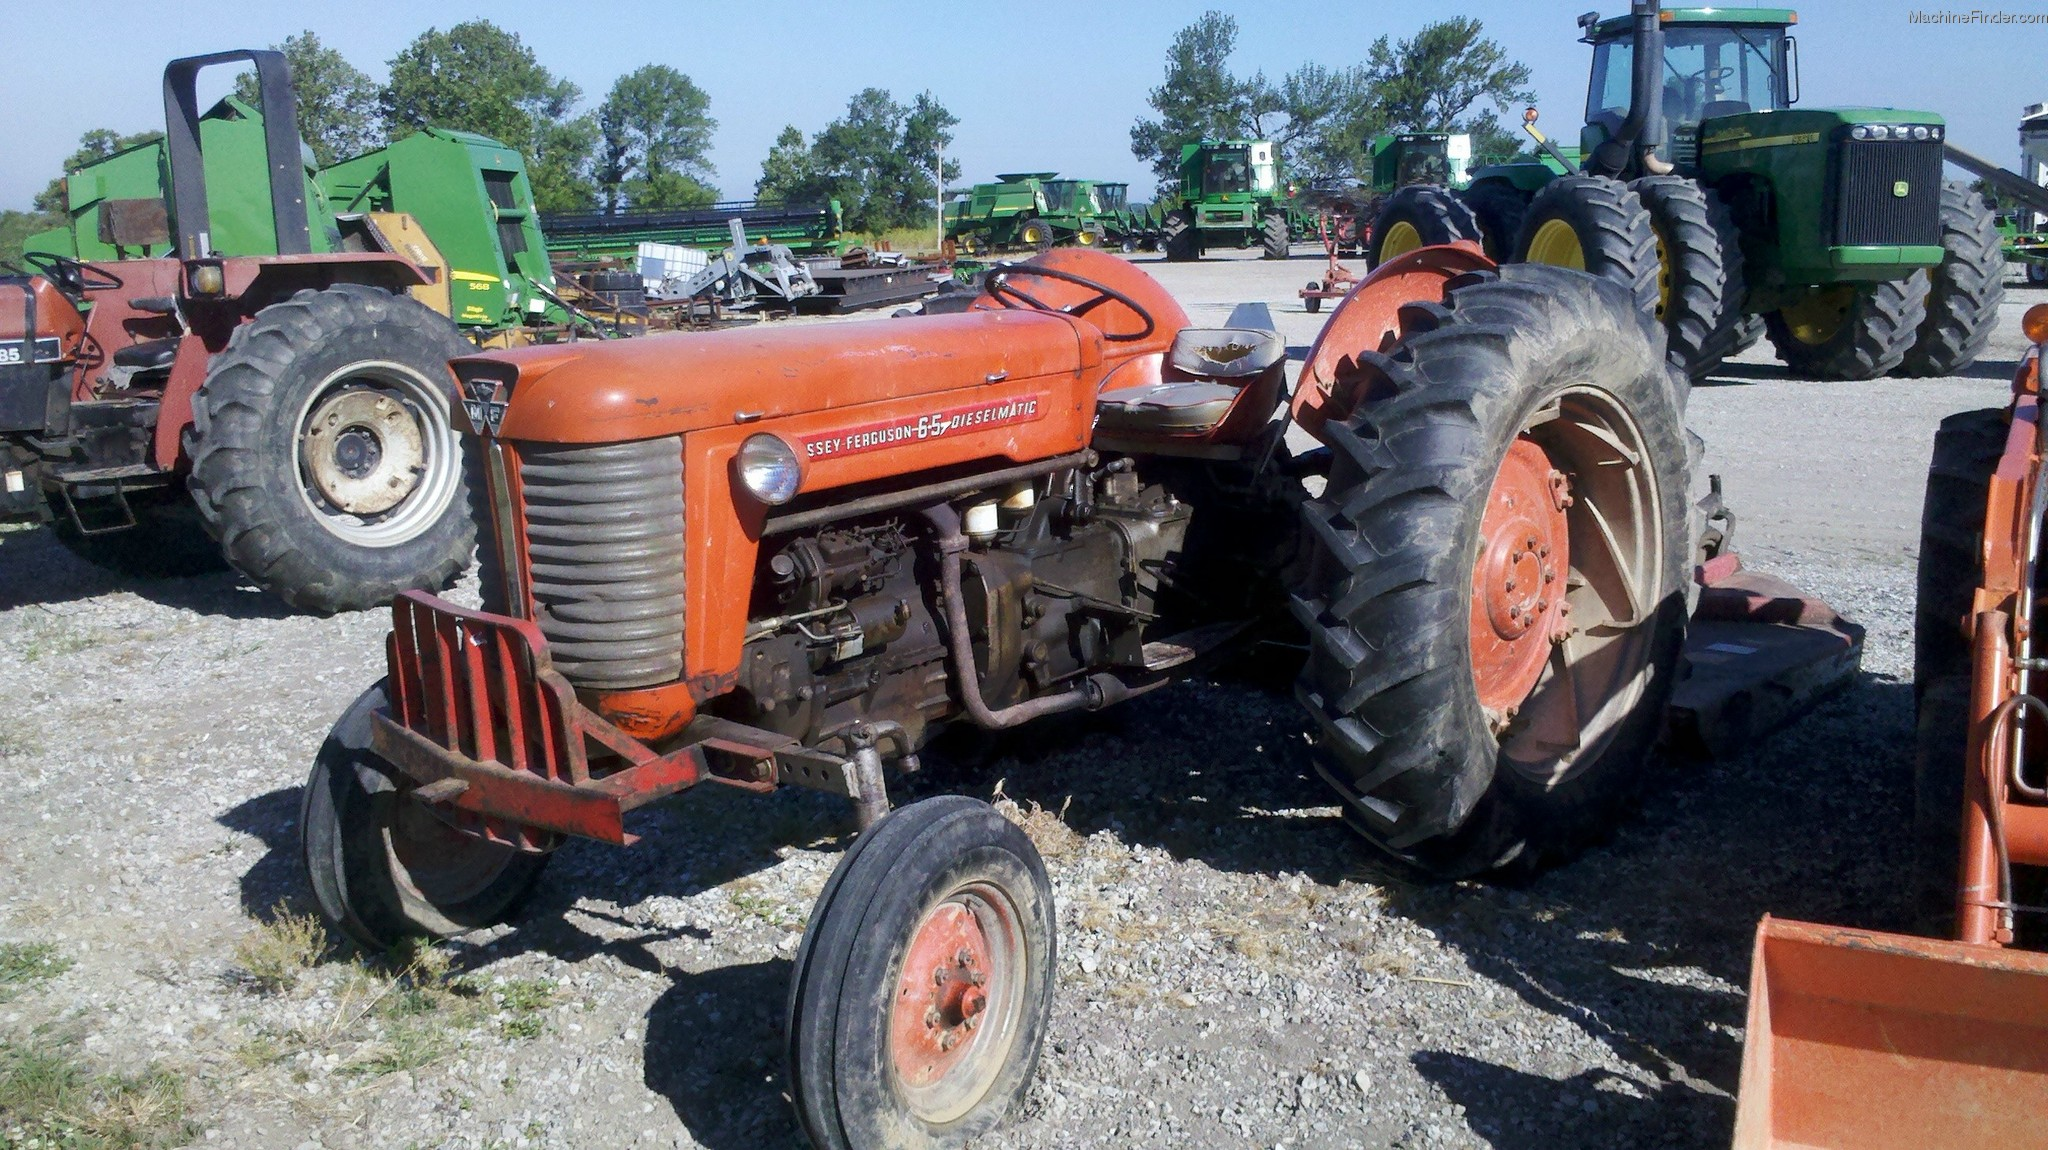 Massey Ferguson 65 Rear Axle : Massey ferguson tractors utility hp john